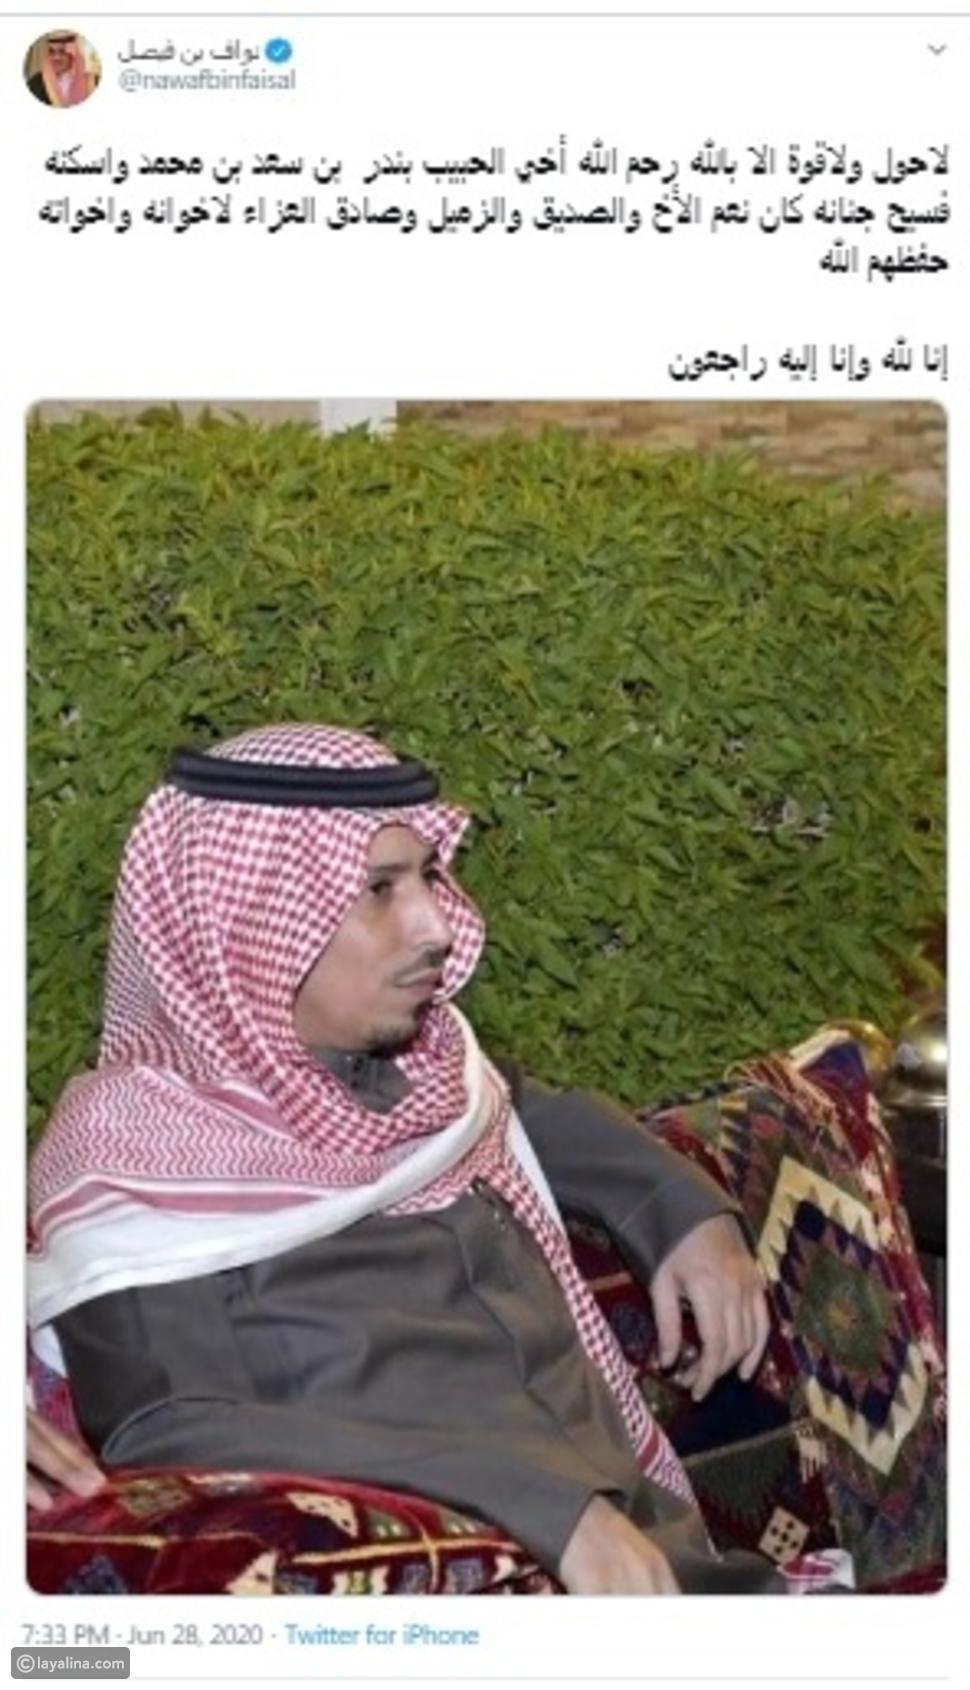 معلومات عن الأمير السعودي الراحل بندر بن سعد بن محمد بن عبدالعزيز